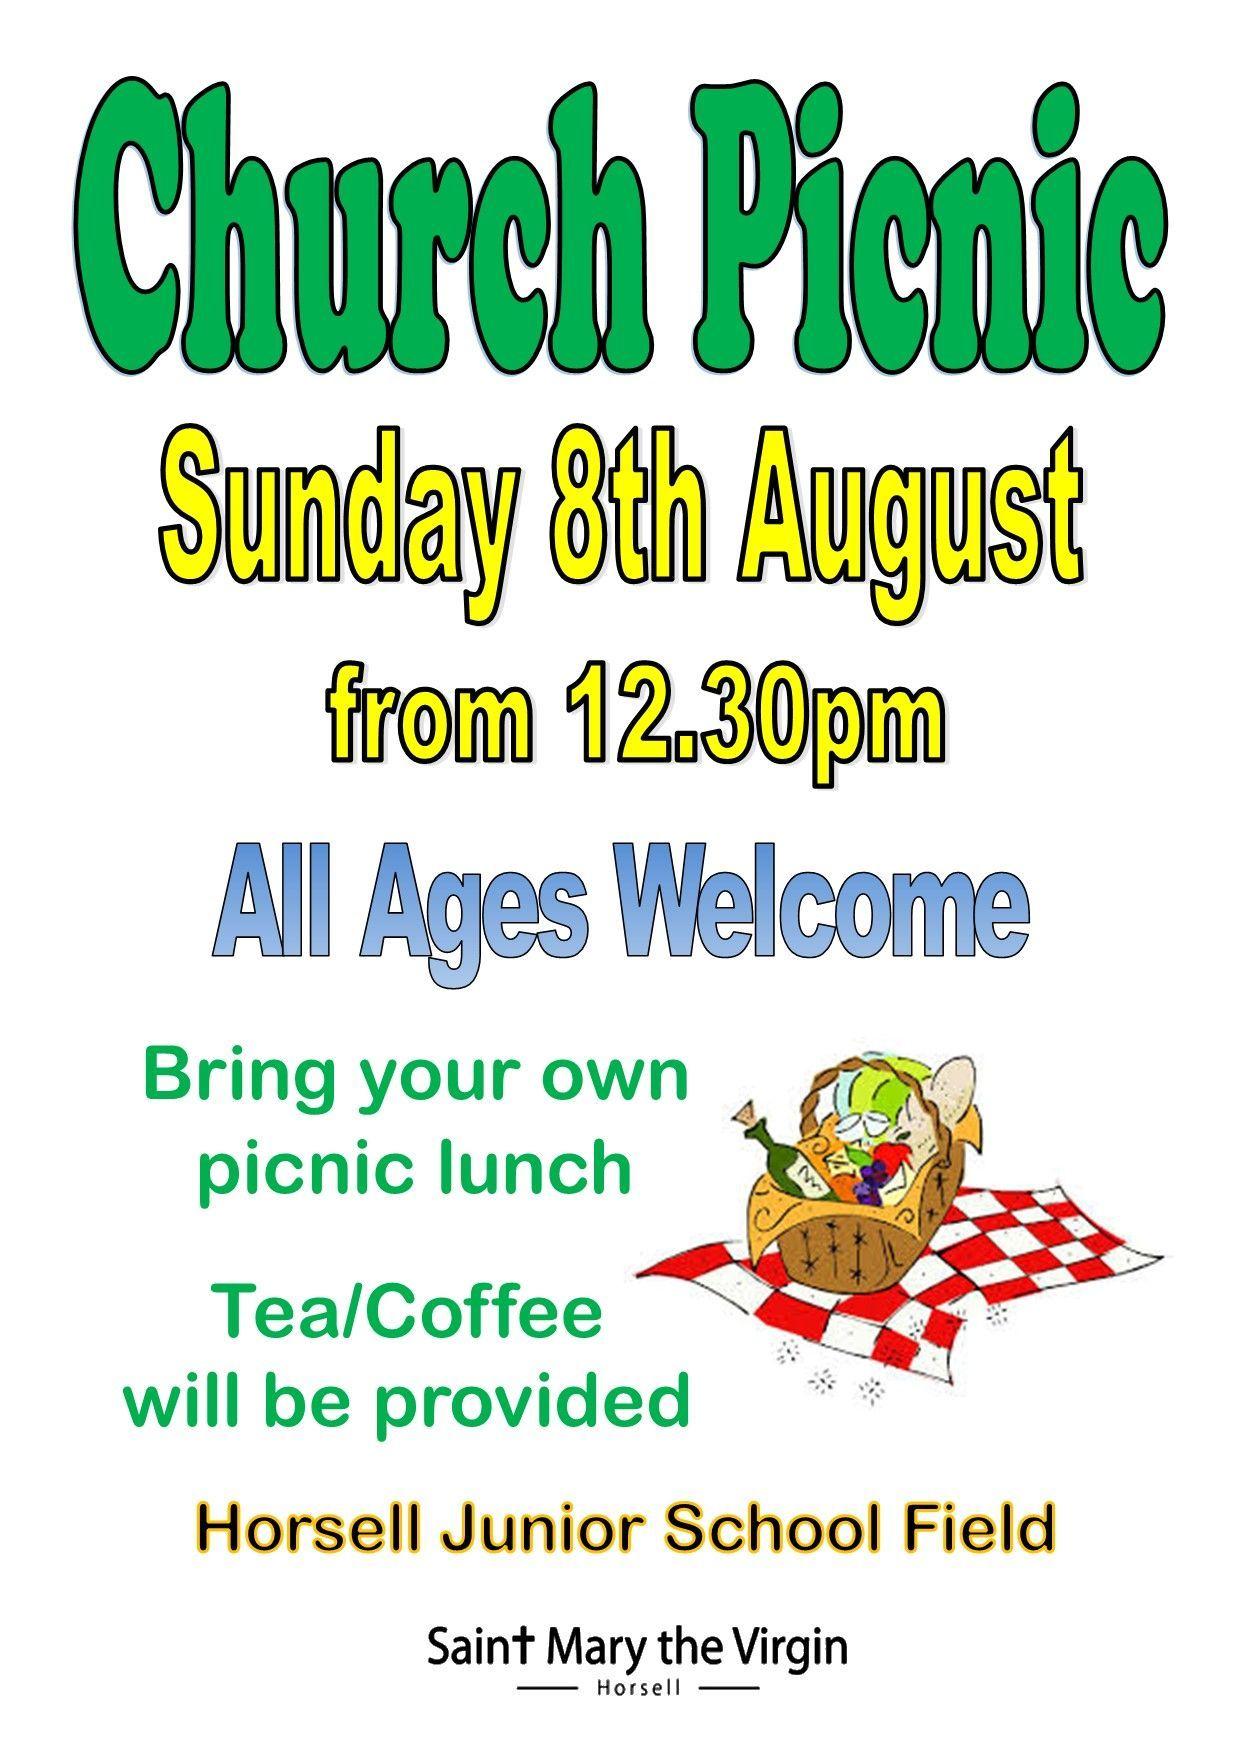 Church picnic - 8th August